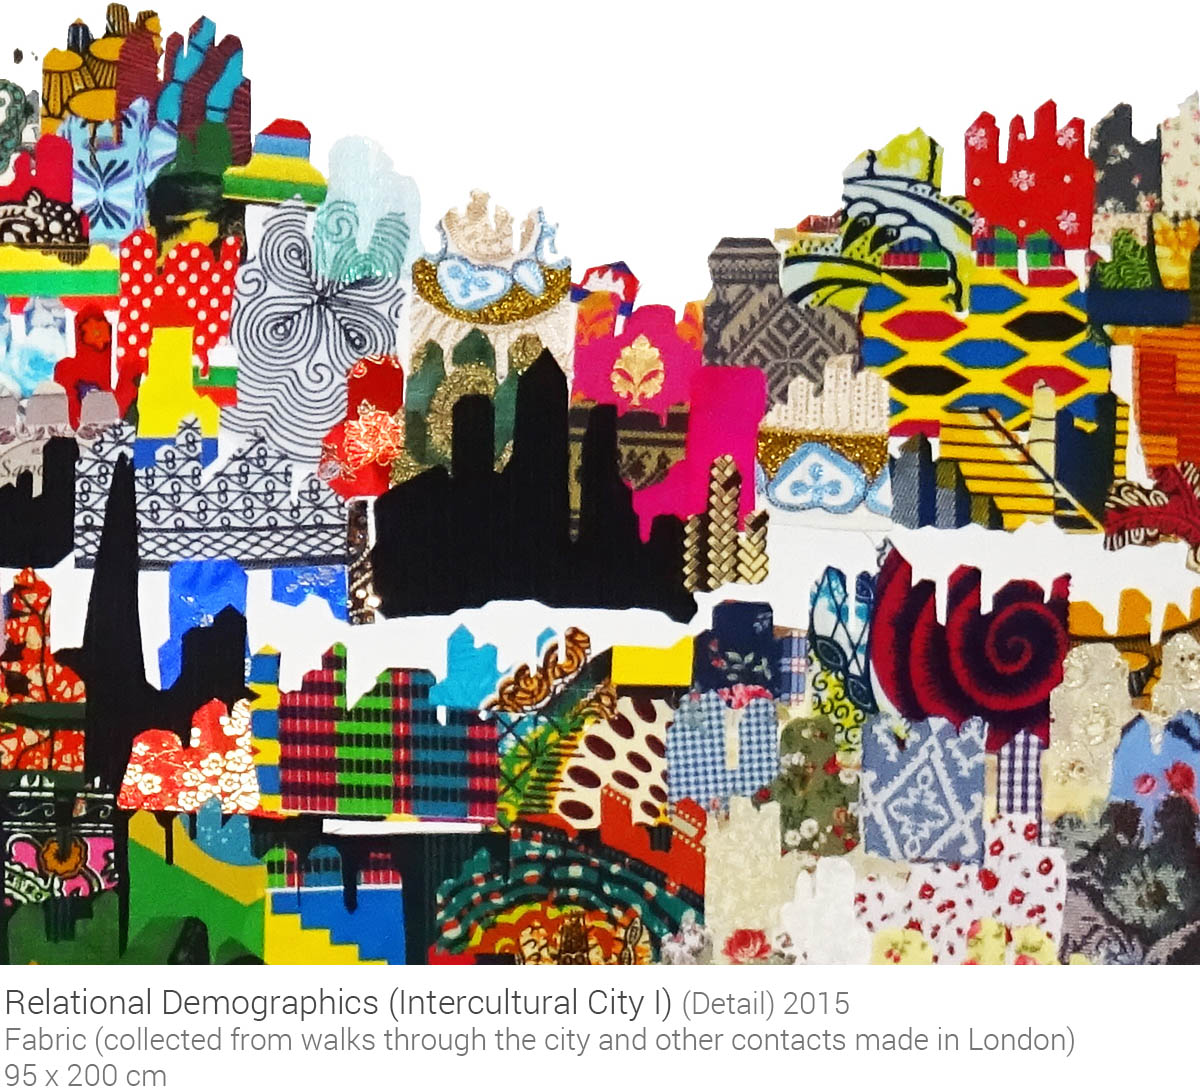 Relational Demographics (Intercultural City I)